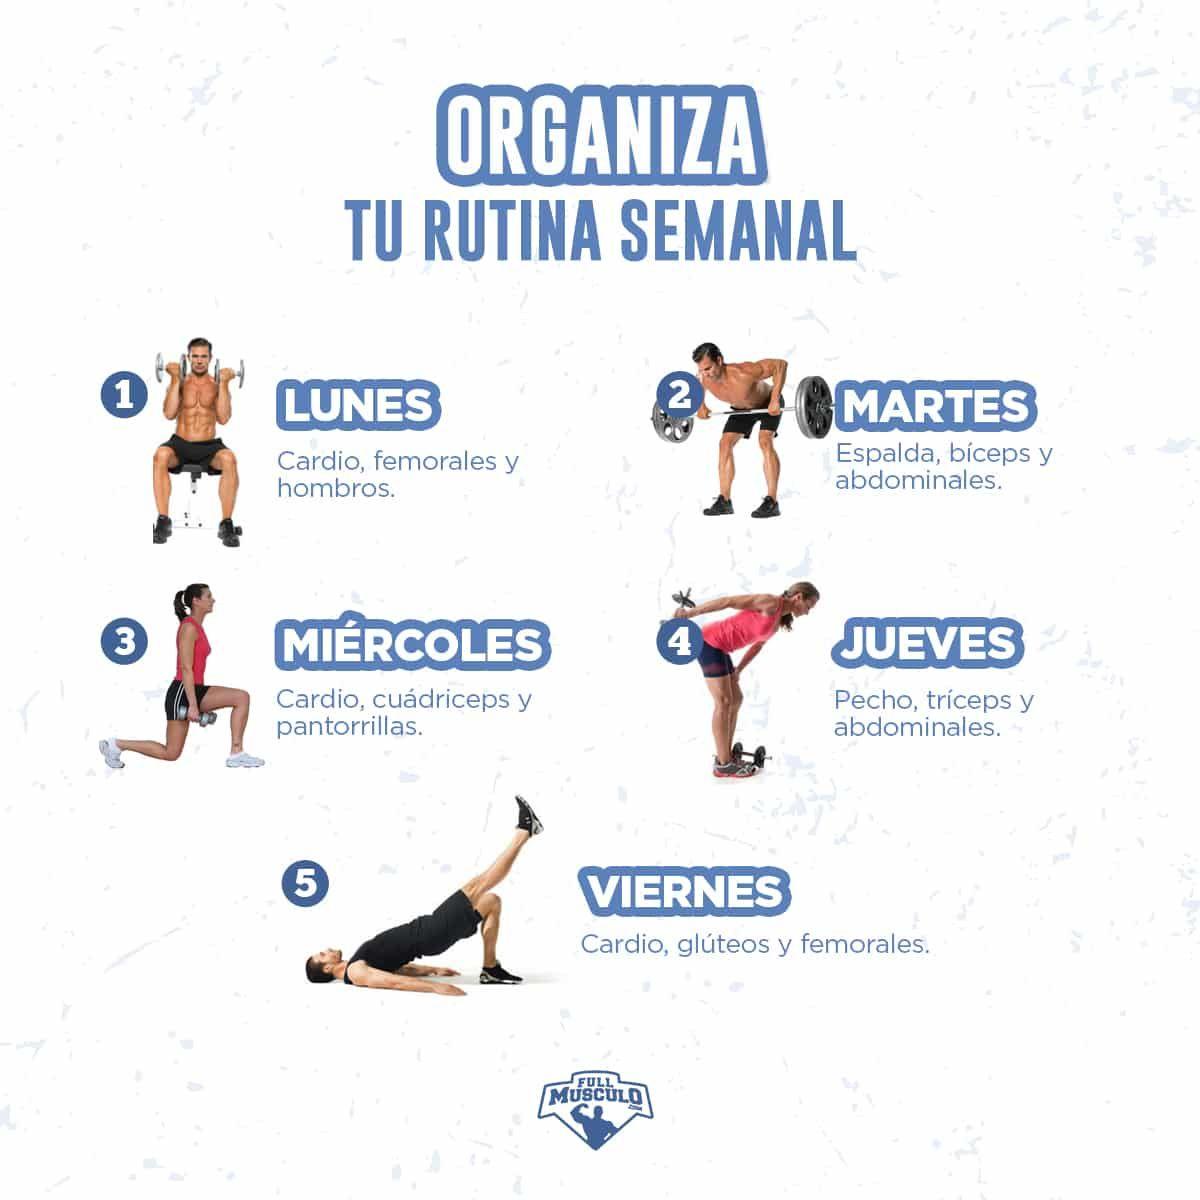 Guía Fitness Completa 2019 De Fat A Fit – FullMusculo.com